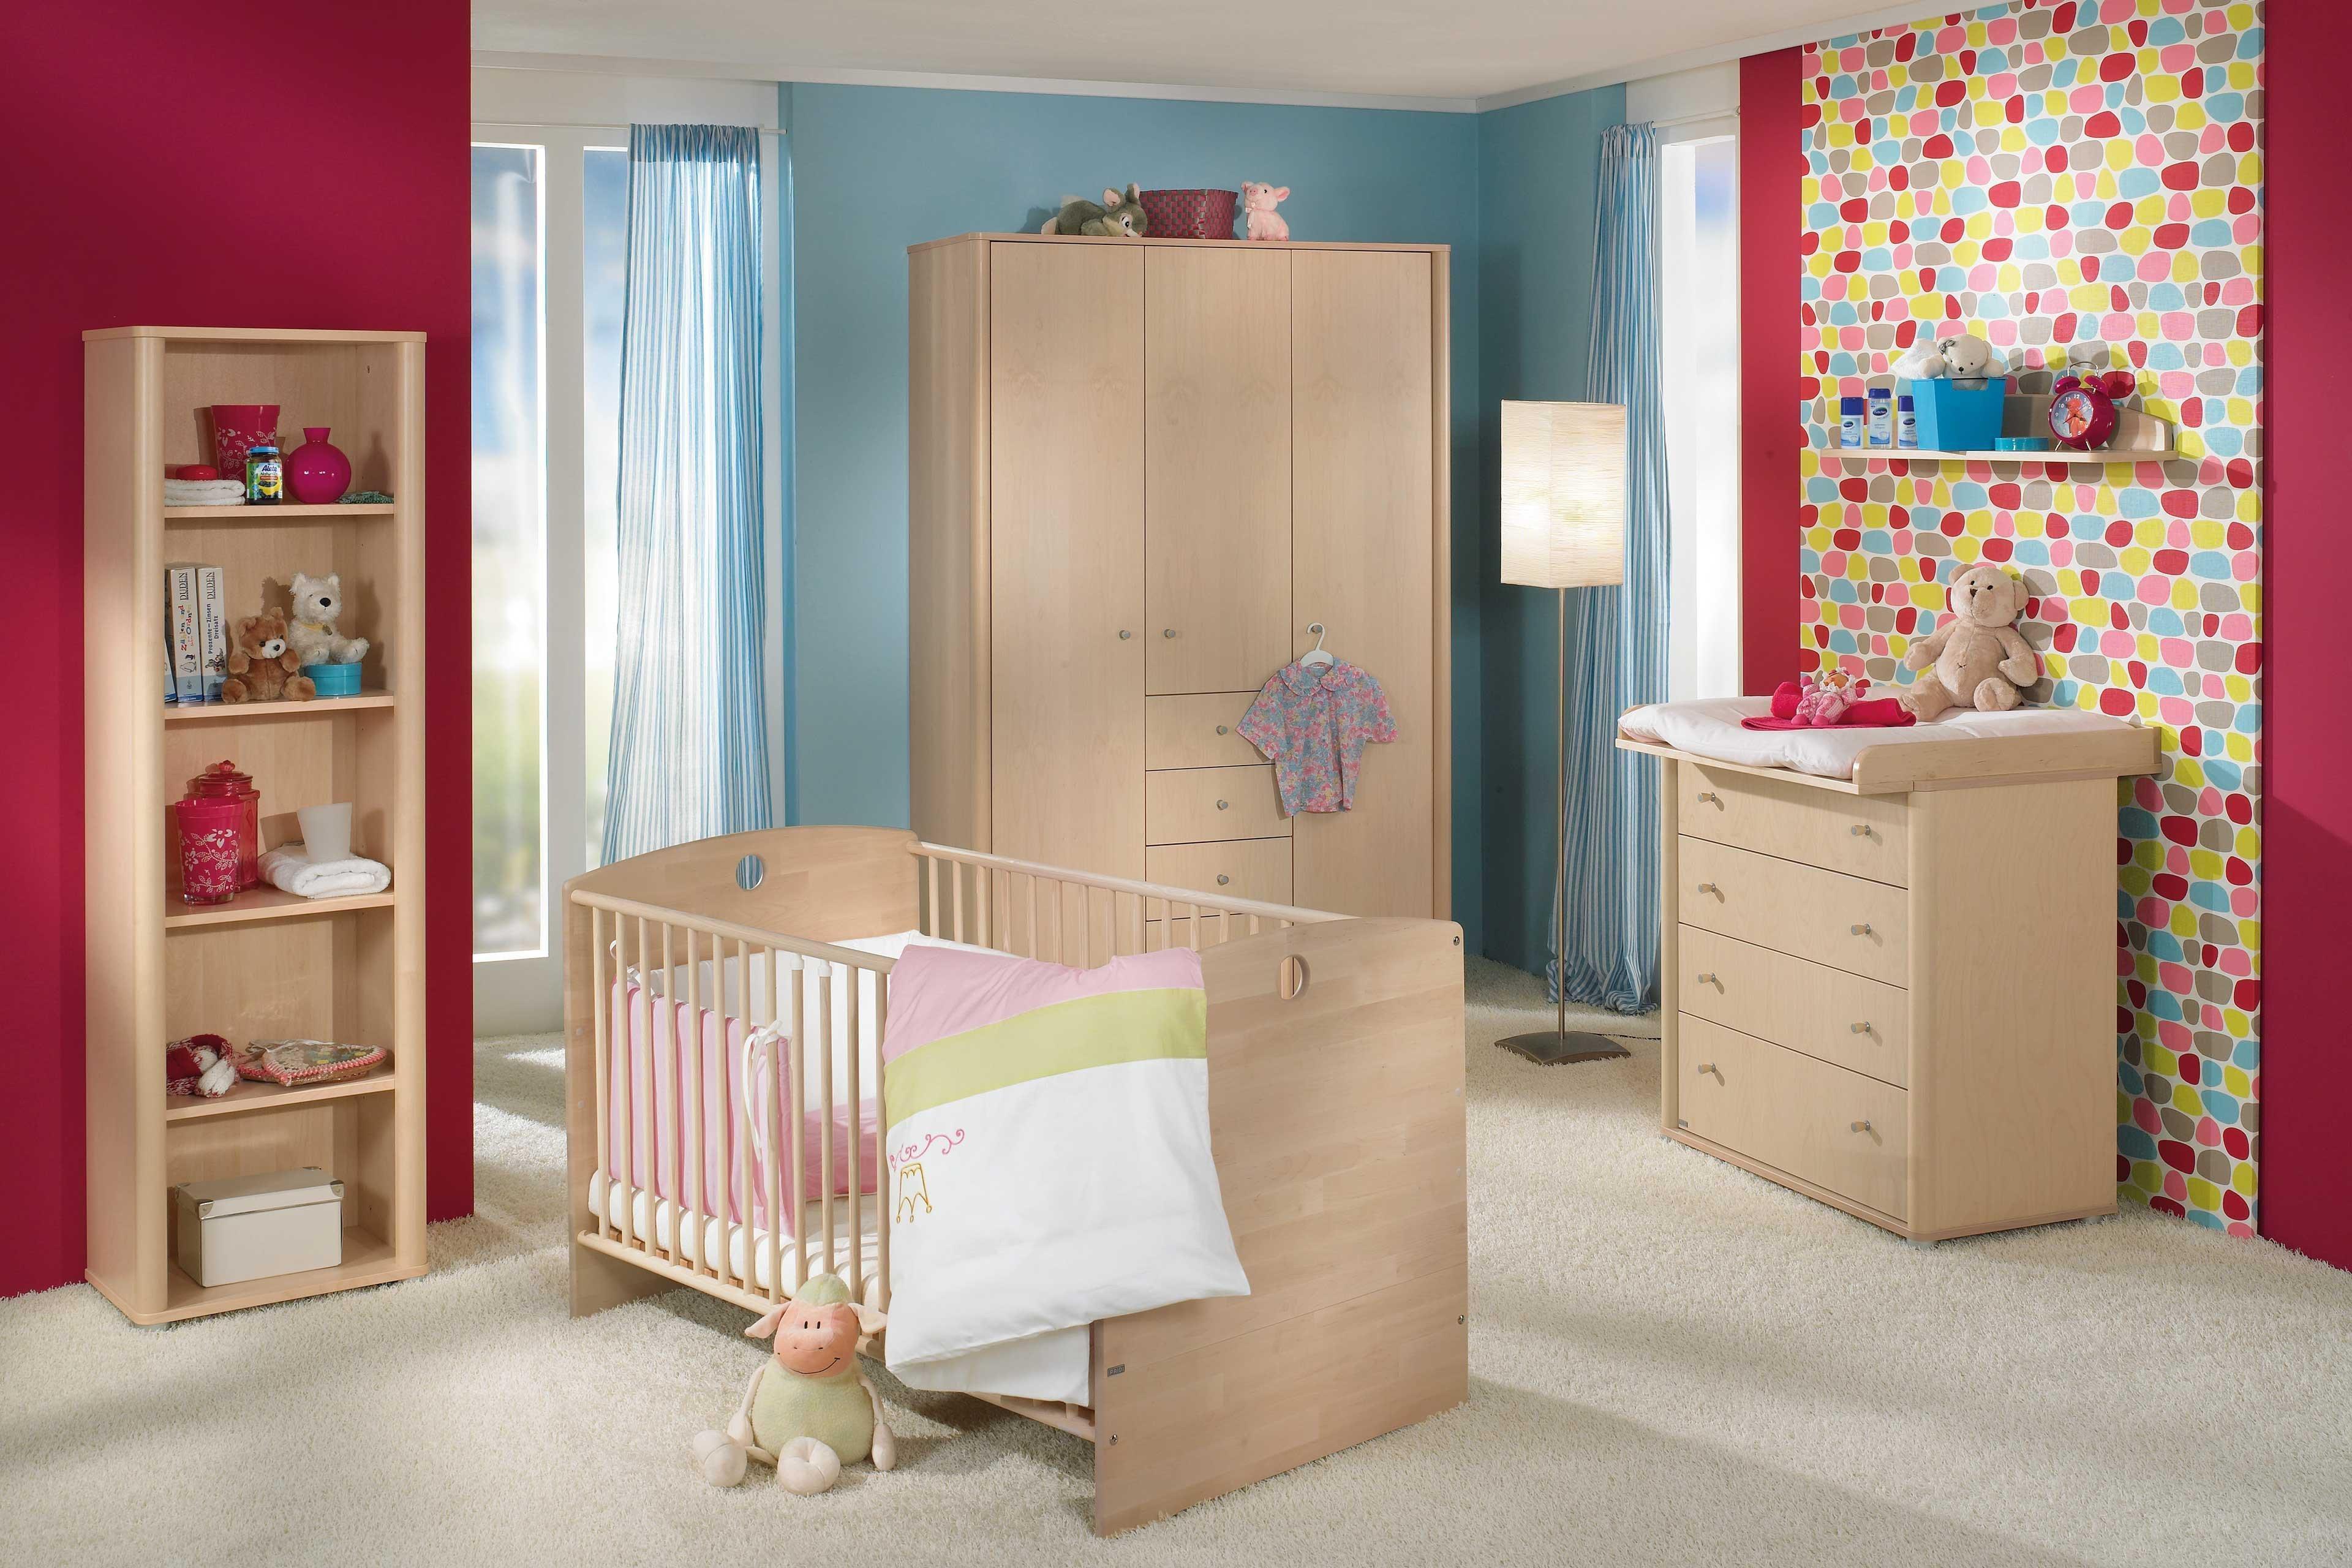 paidi babyzimmer fleximo birke hell m bel letz ihr. Black Bedroom Furniture Sets. Home Design Ideas